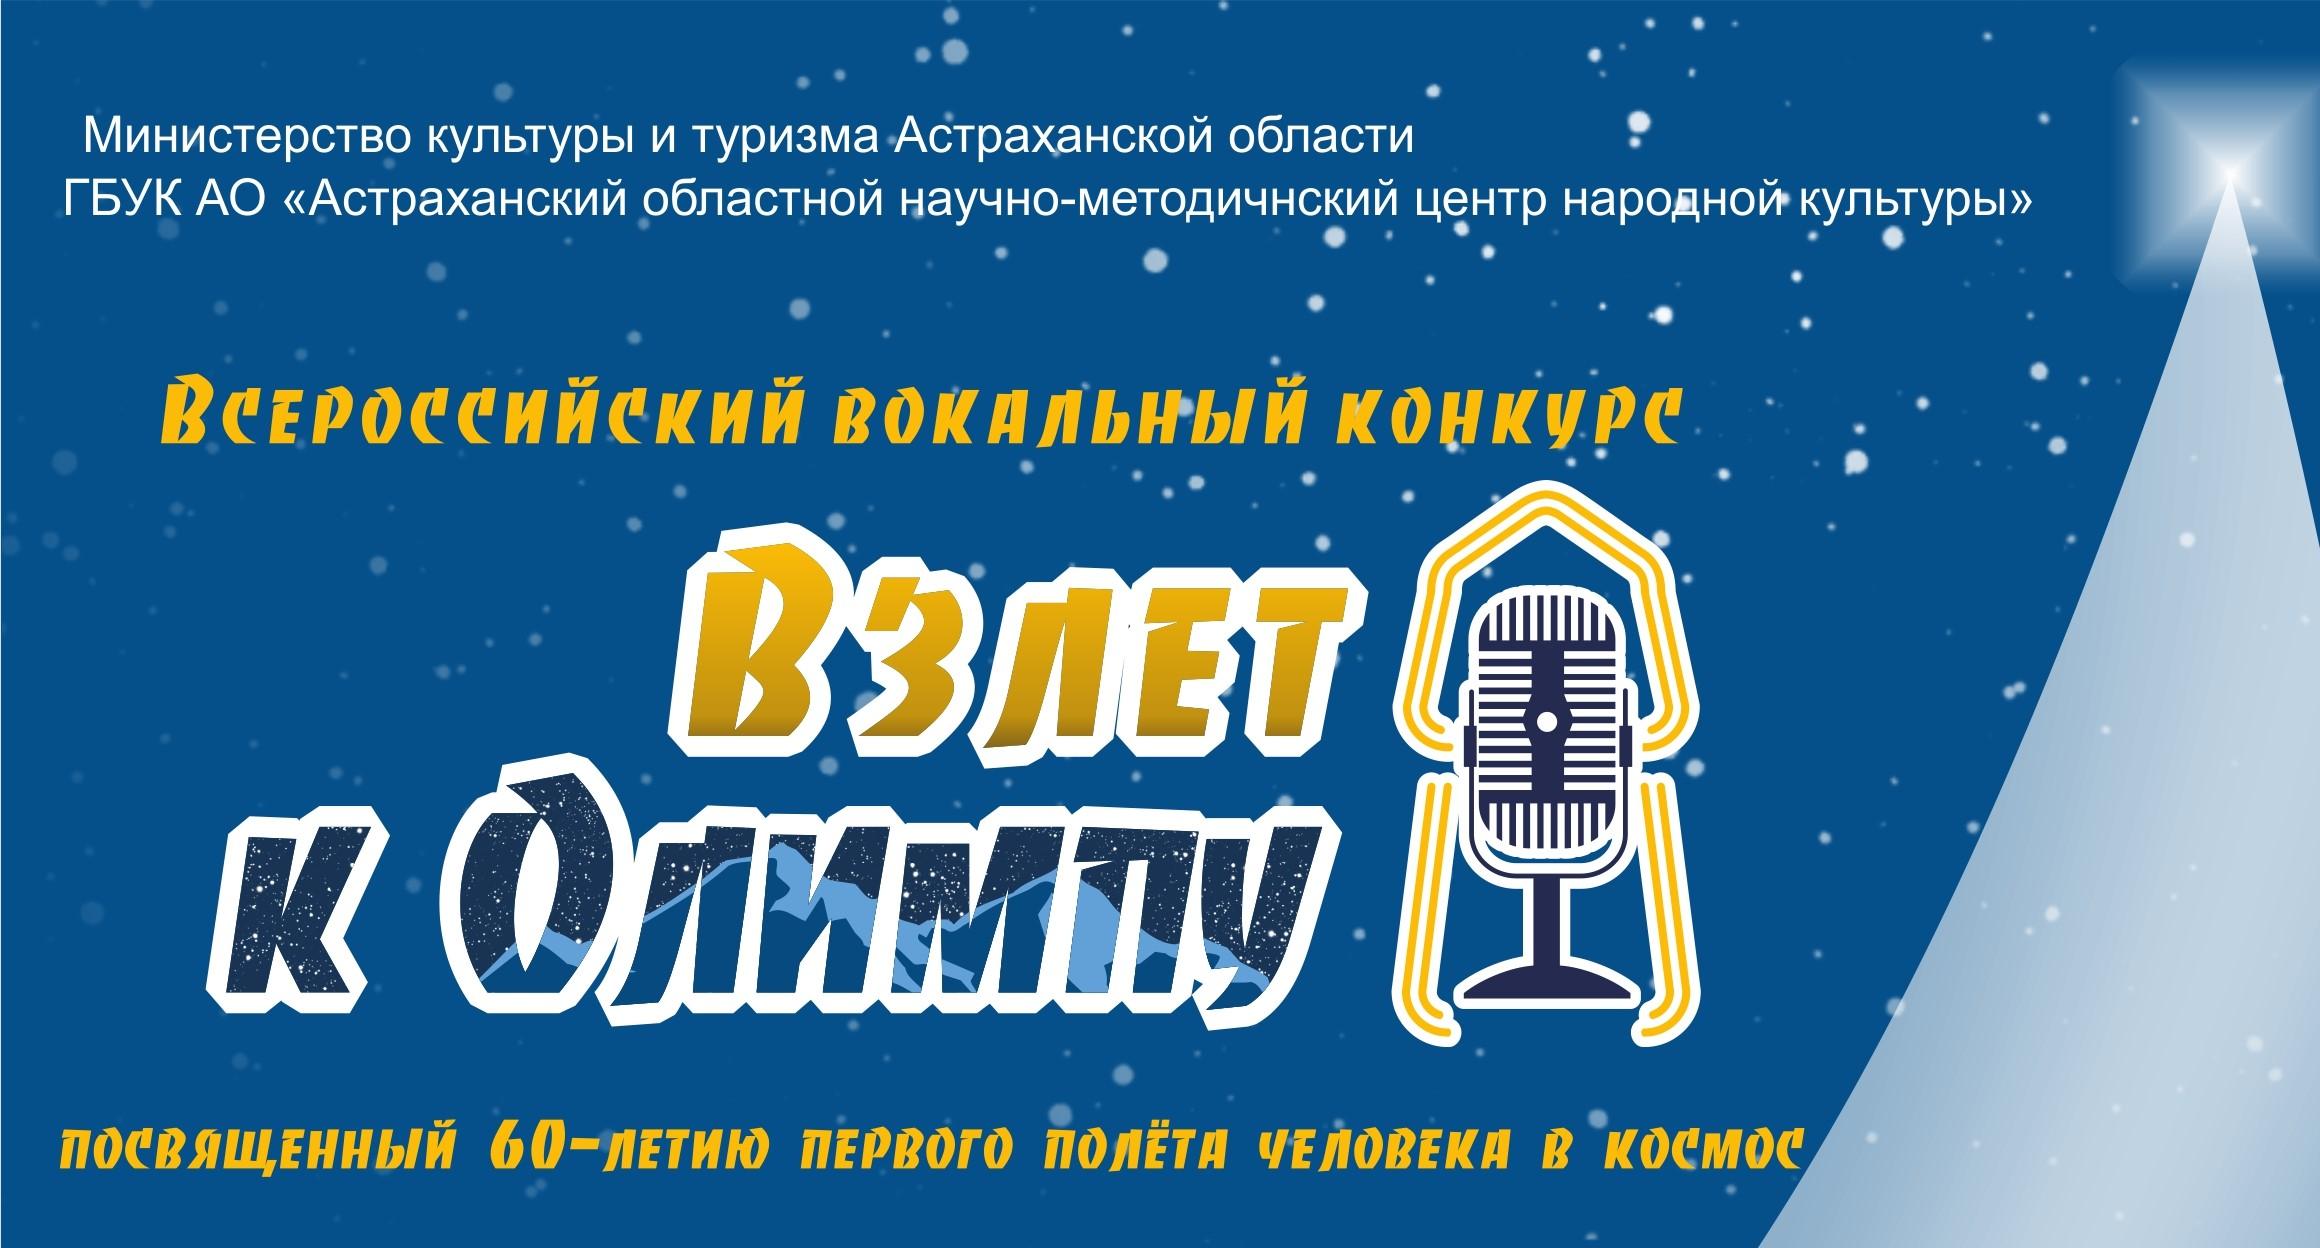 В Астрахани подвели итоги вокального конкурса «Взлет к Олимпу»